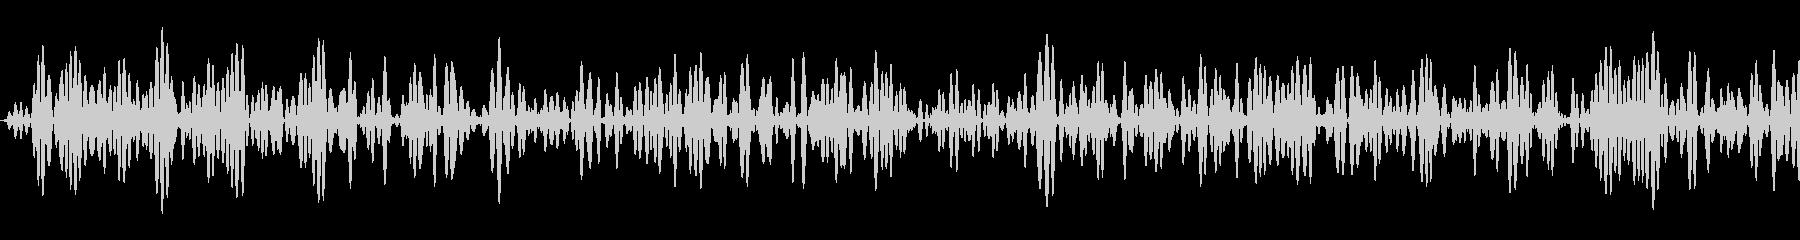 ザッ(レシーバーで喋った後に鳴るノイズ)の未再生の波形